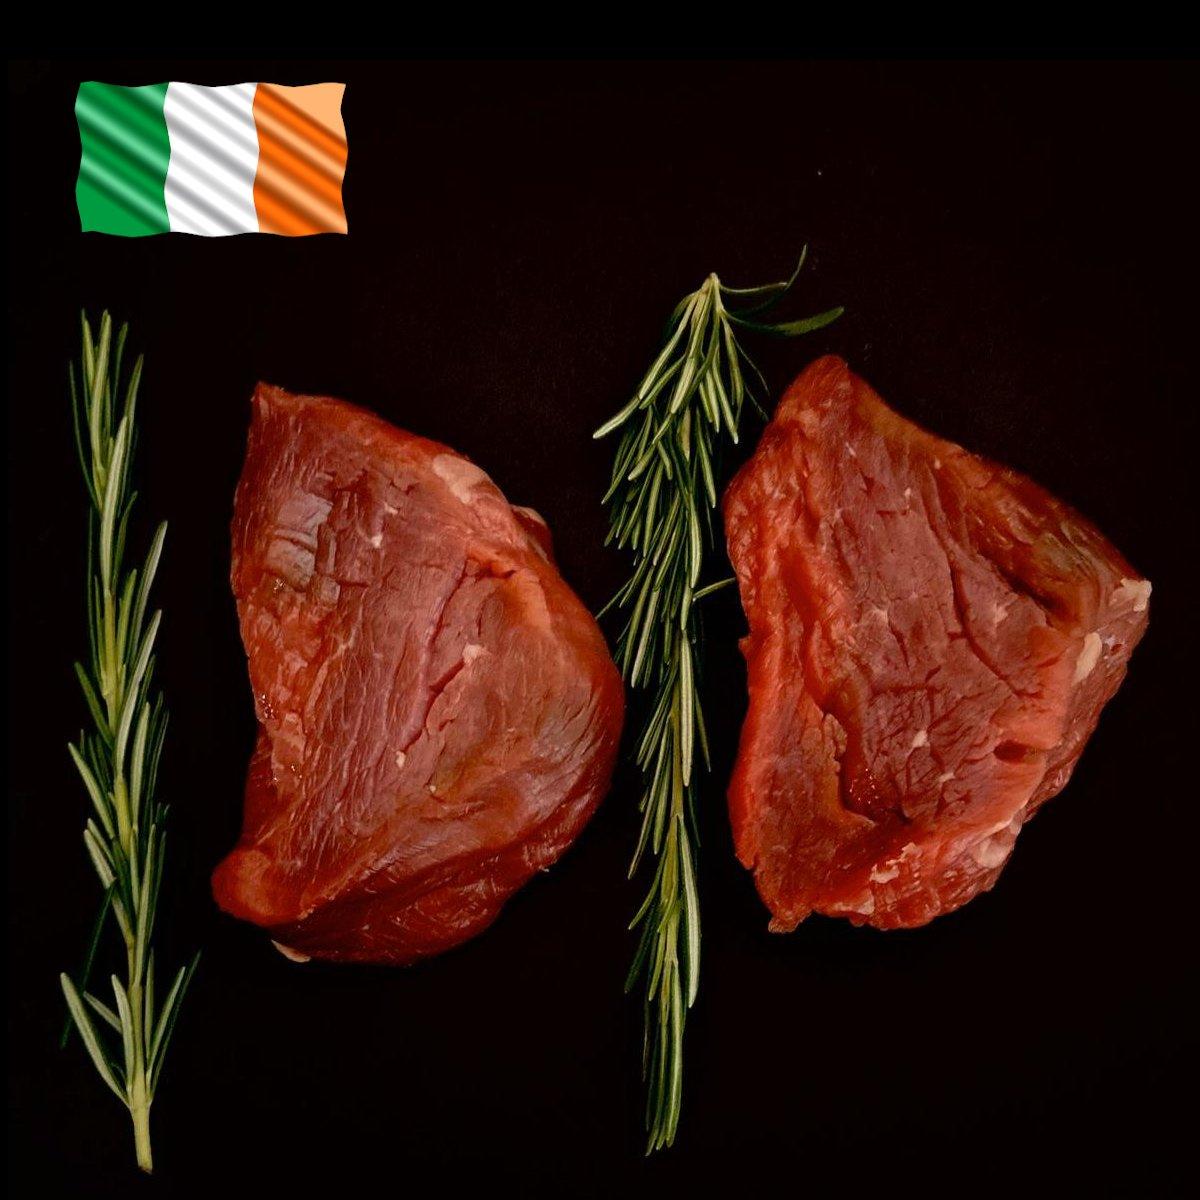 Irisches Rindfleisch in feinster Qualität